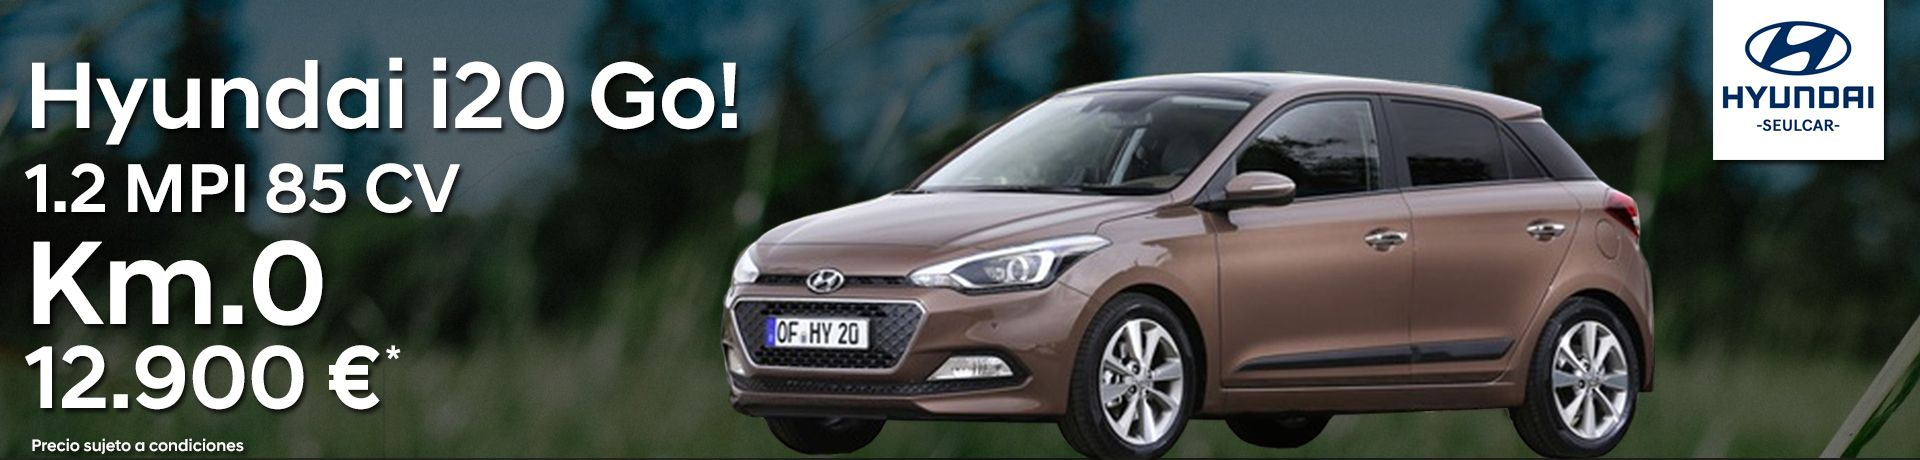 Llévate un Hyundai i20 GO! 1.2 de 85 cv Km.0 ¡Única unidad!